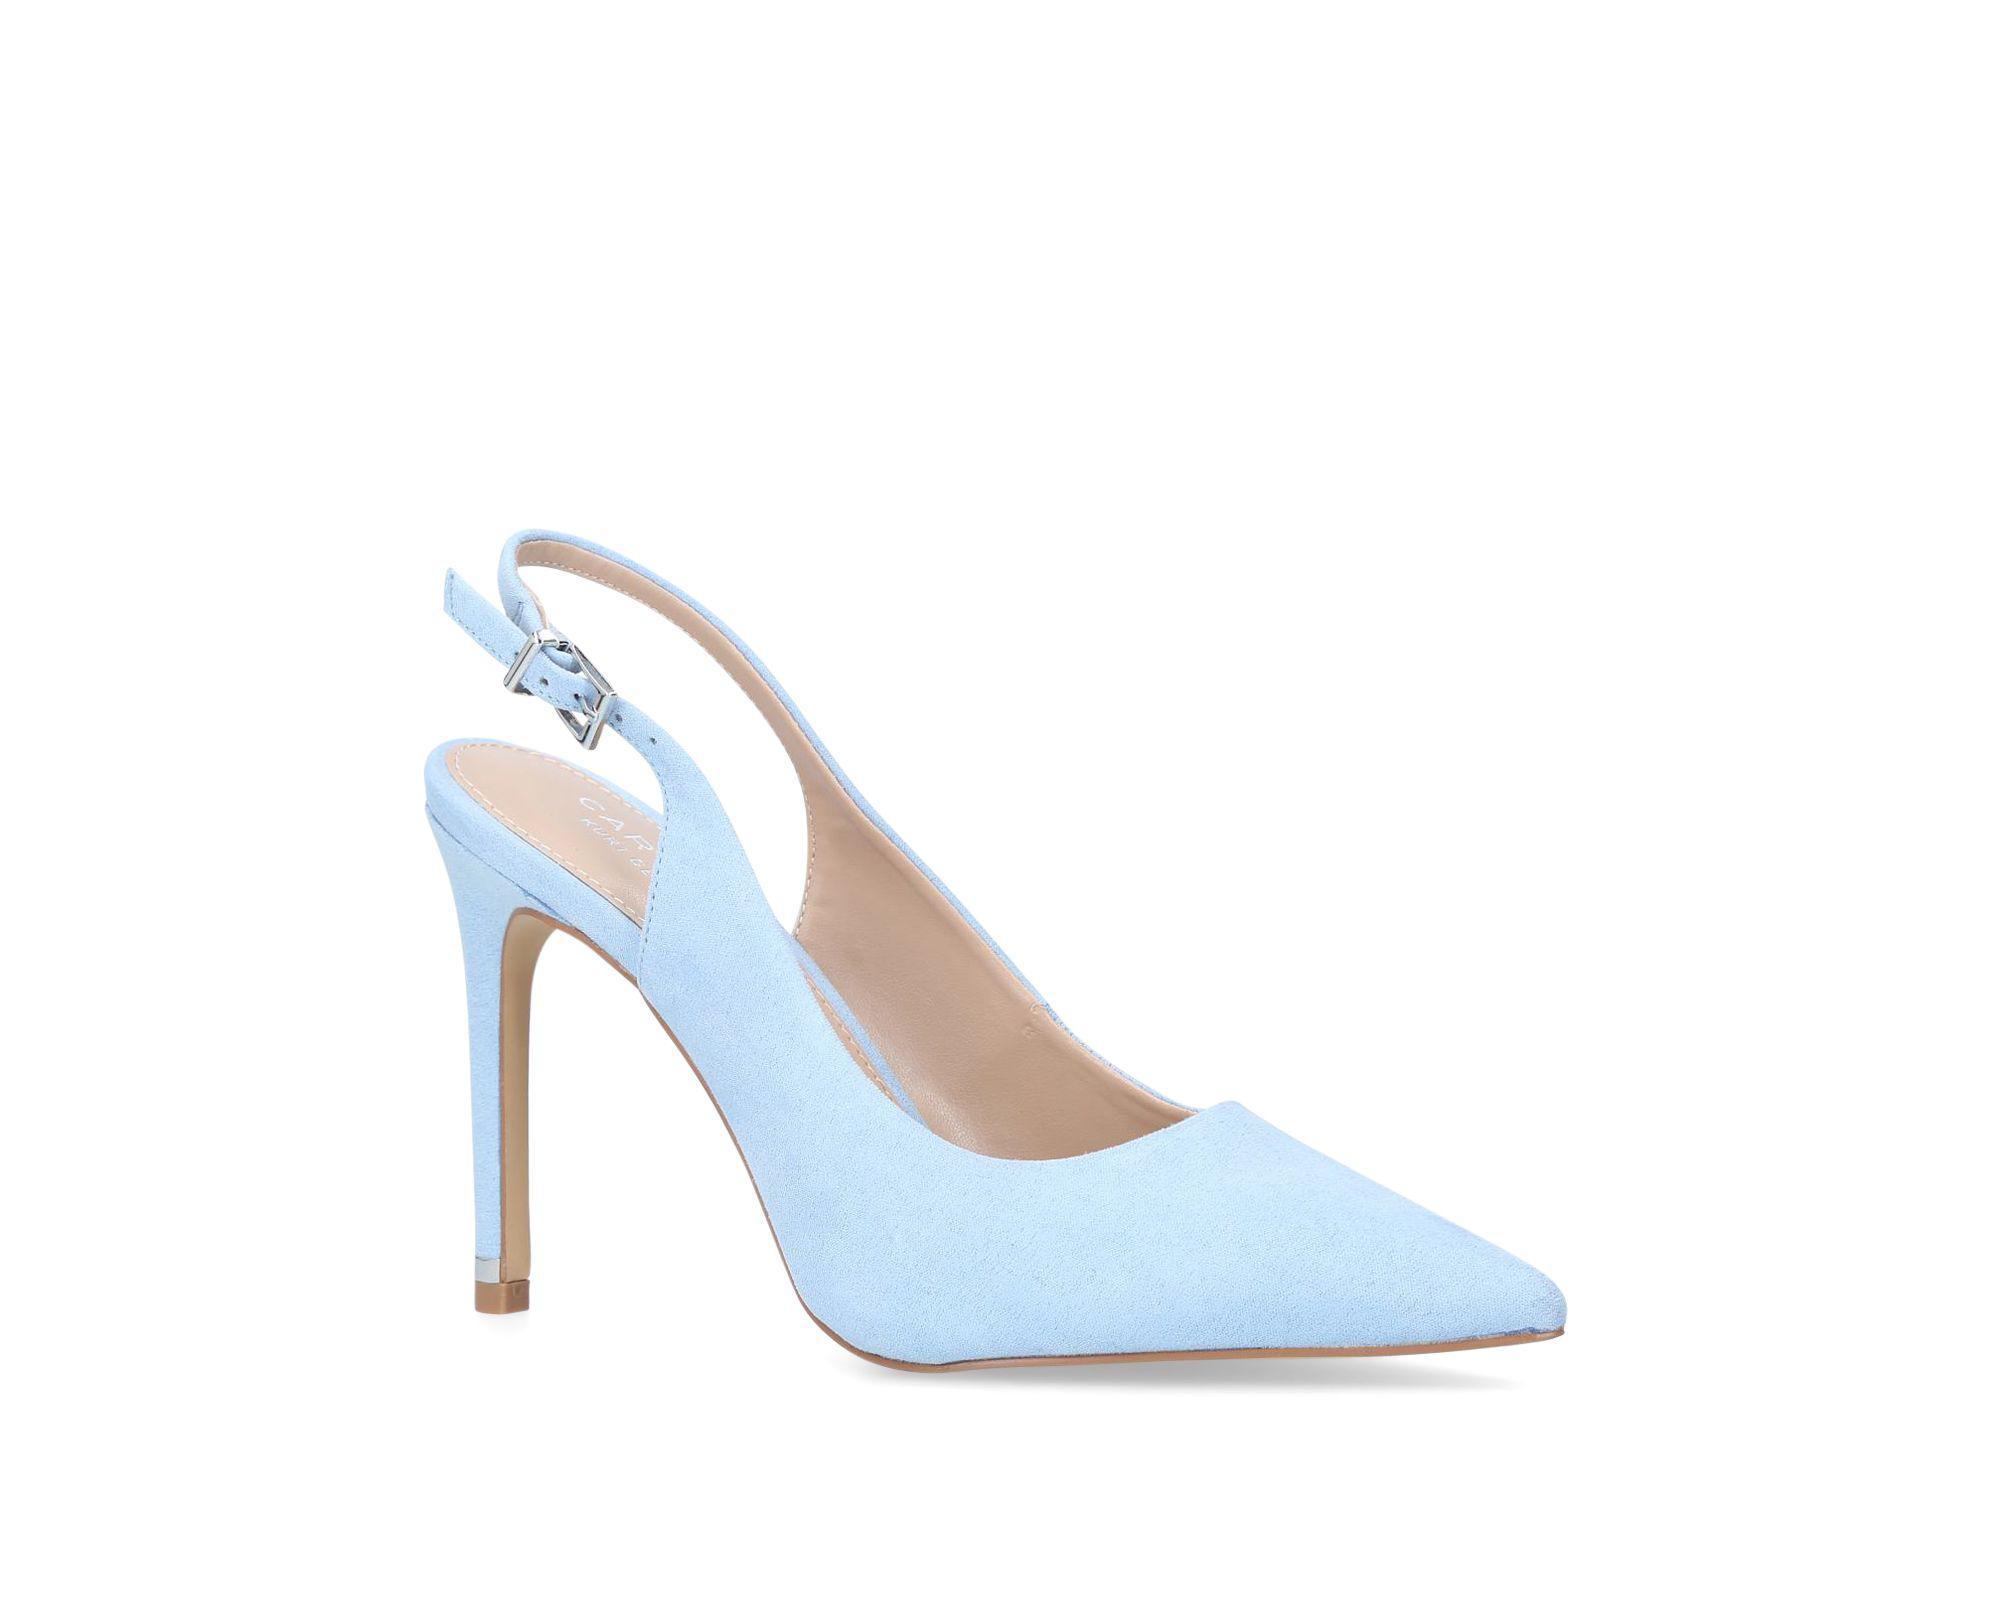 c61beaddd3cc Carvela Kurt Geiger Blue  klass  High Heel Court Shoes in Blue ...